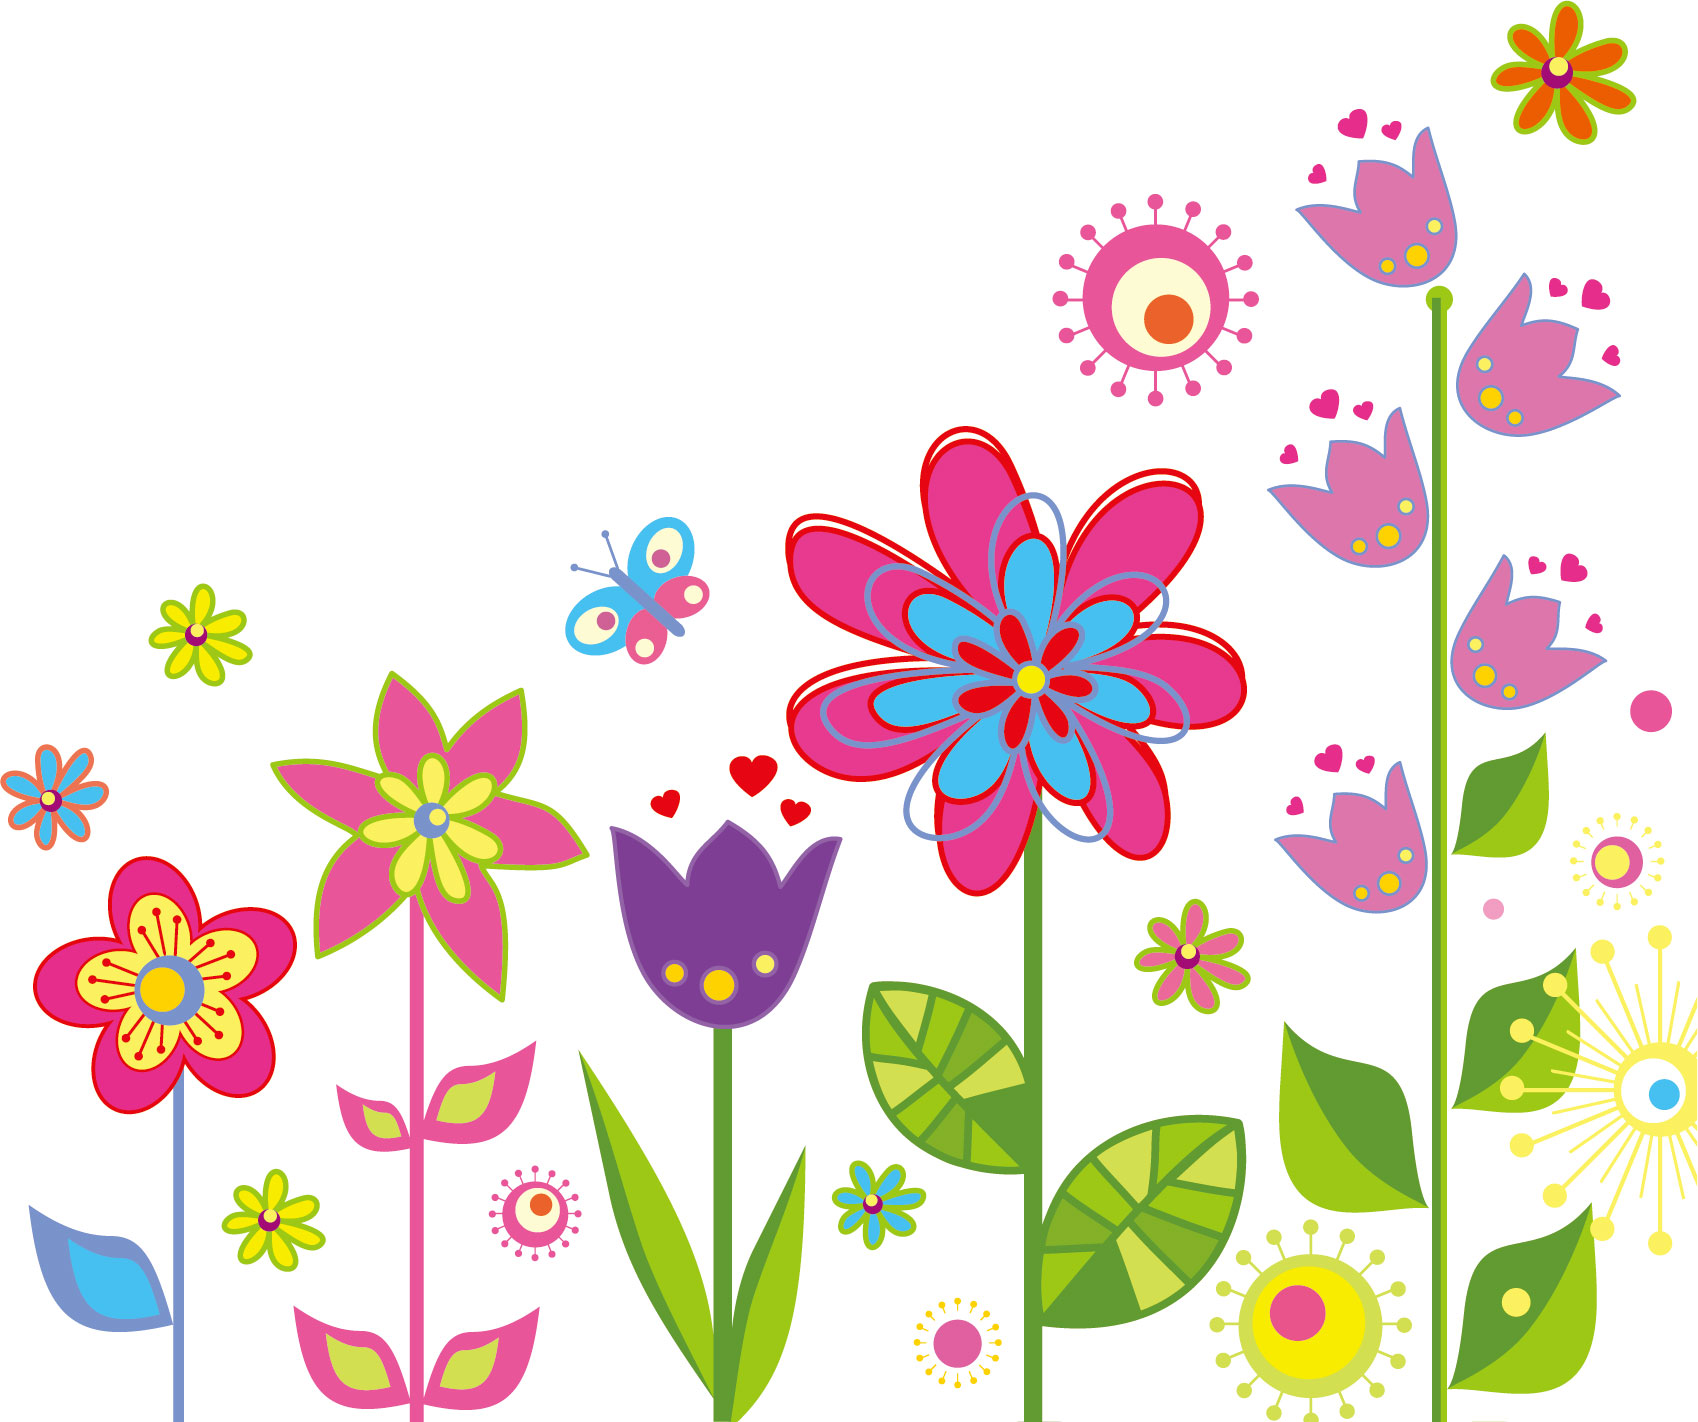 かわいい花のイラスト・画像No.044『ポップな花・カラフル』/無料のフリー素材集【百花繚乱】